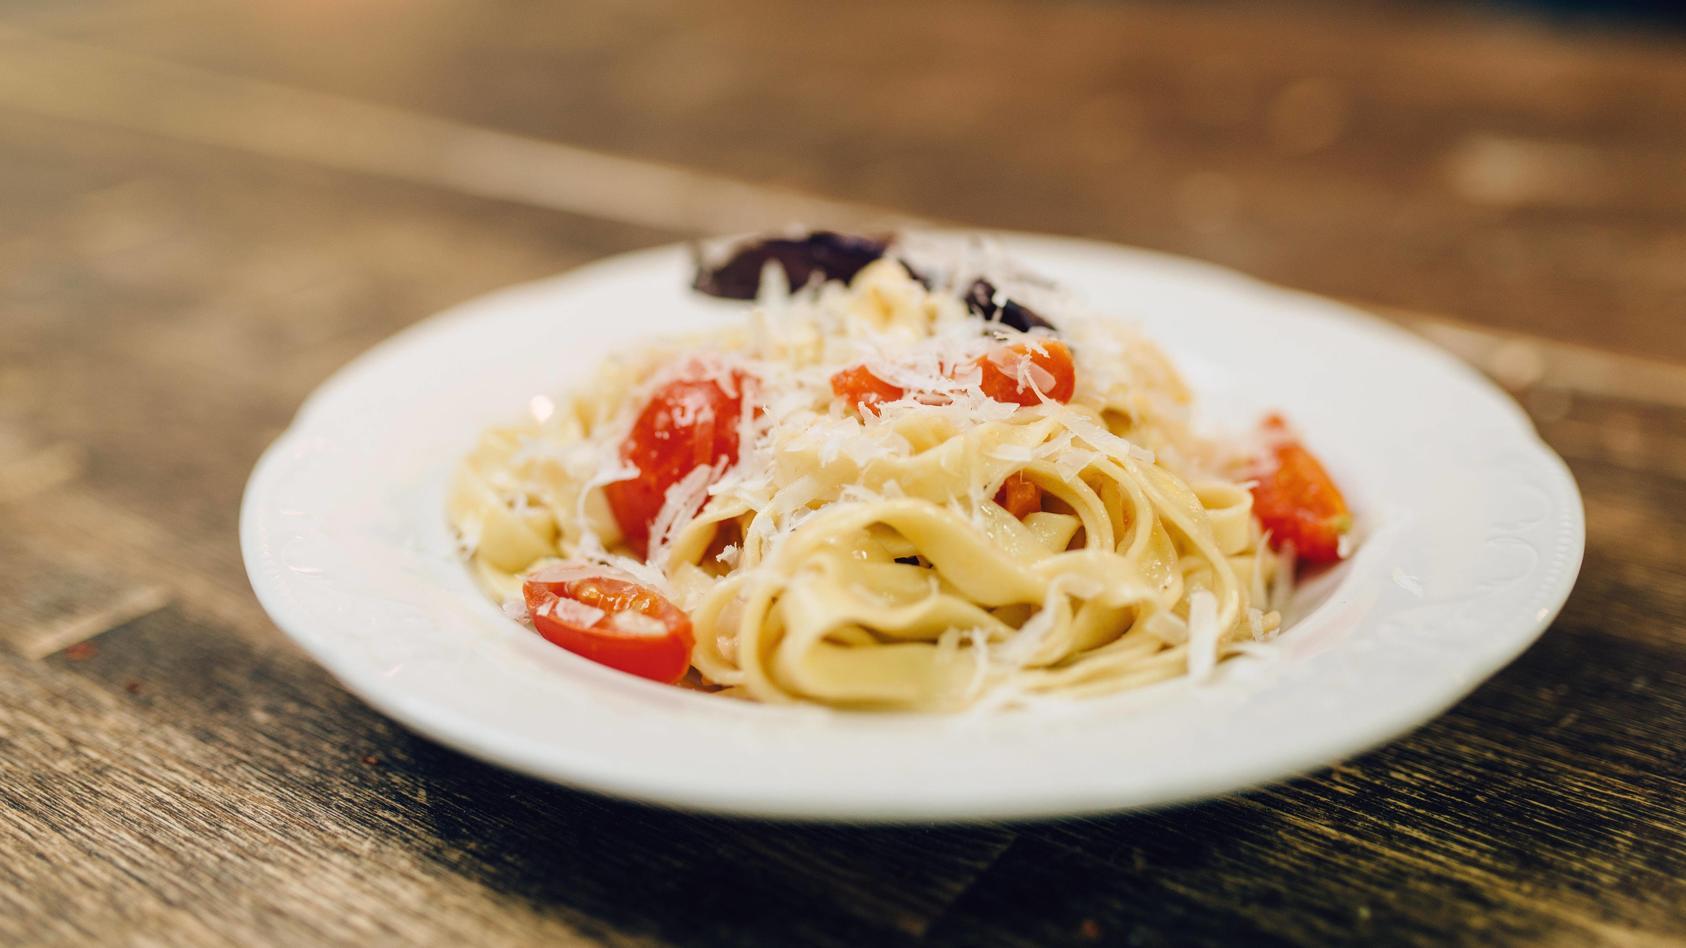 Spaghetti al Tonno im Handumdrehen gemacht: mit würzigen Tomaten, frischem Basilikum und einem Hauch von Parmesan - Symbolfoto